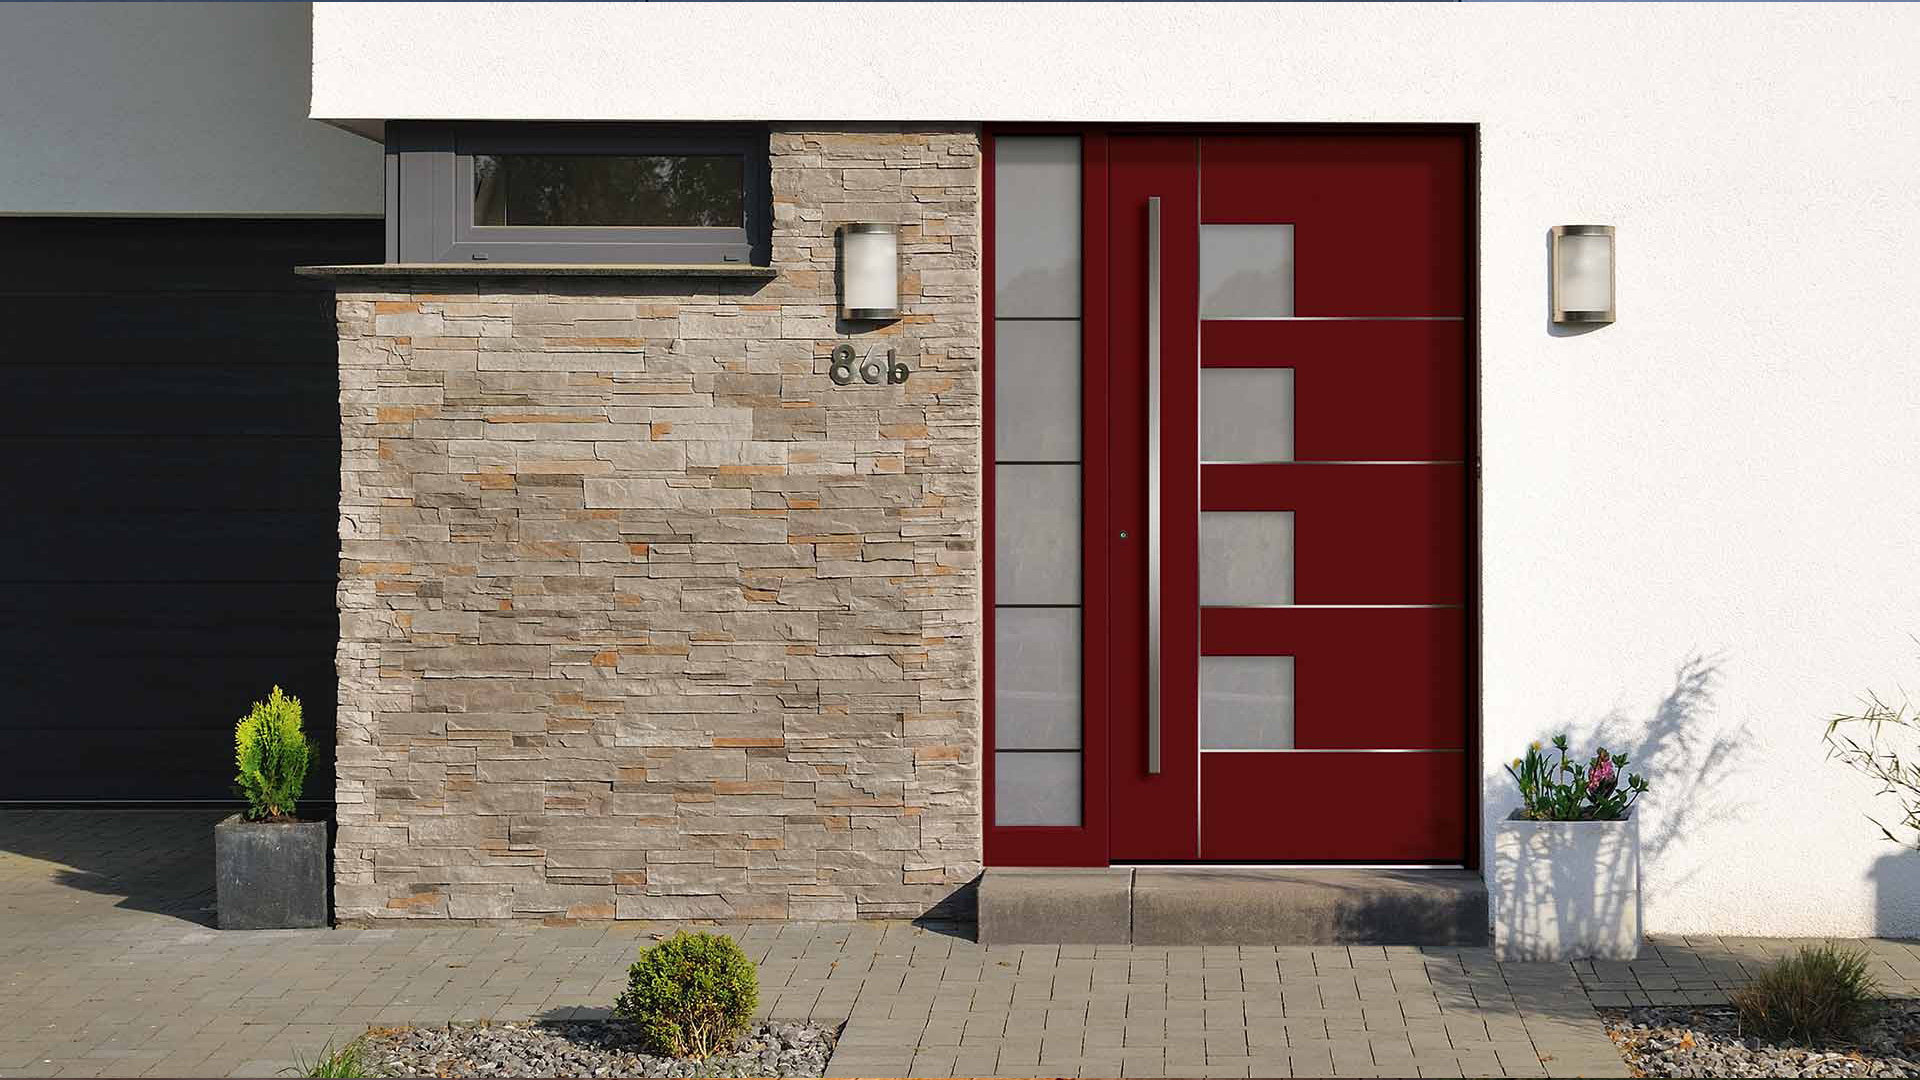 rote Haustür mit Glaselement auf der linken Seite in weißer Fassade